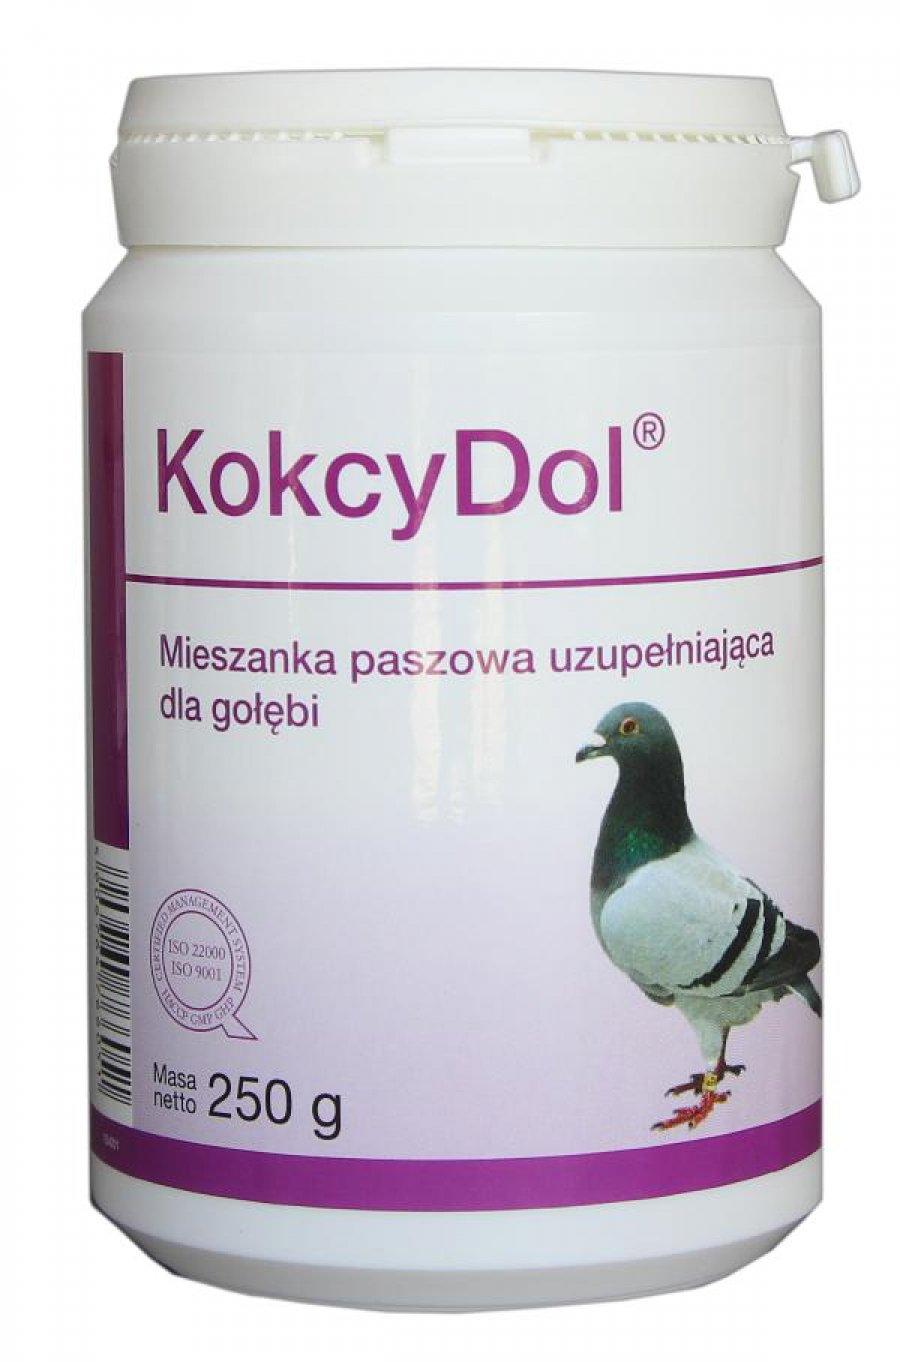 ДОЛЬФОС КОКЦИДОЛ 250г для борьбы с кокцидиями